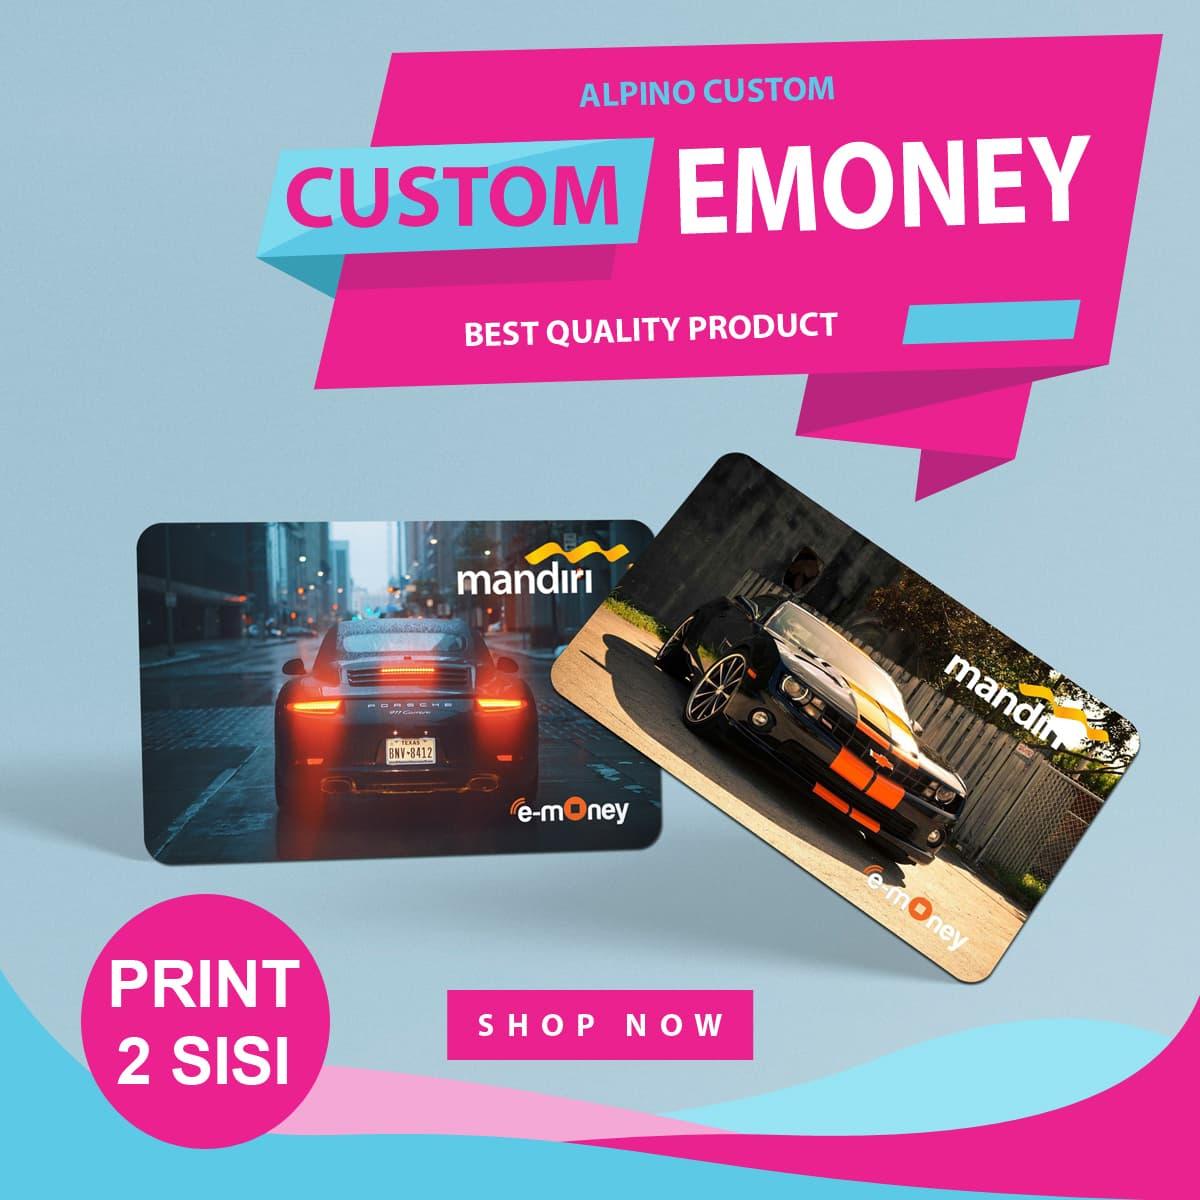 Jual Custom Card E Money Toll Alpinocustom Tokopedia Emoney Mandiri Cetak Dua Sisi